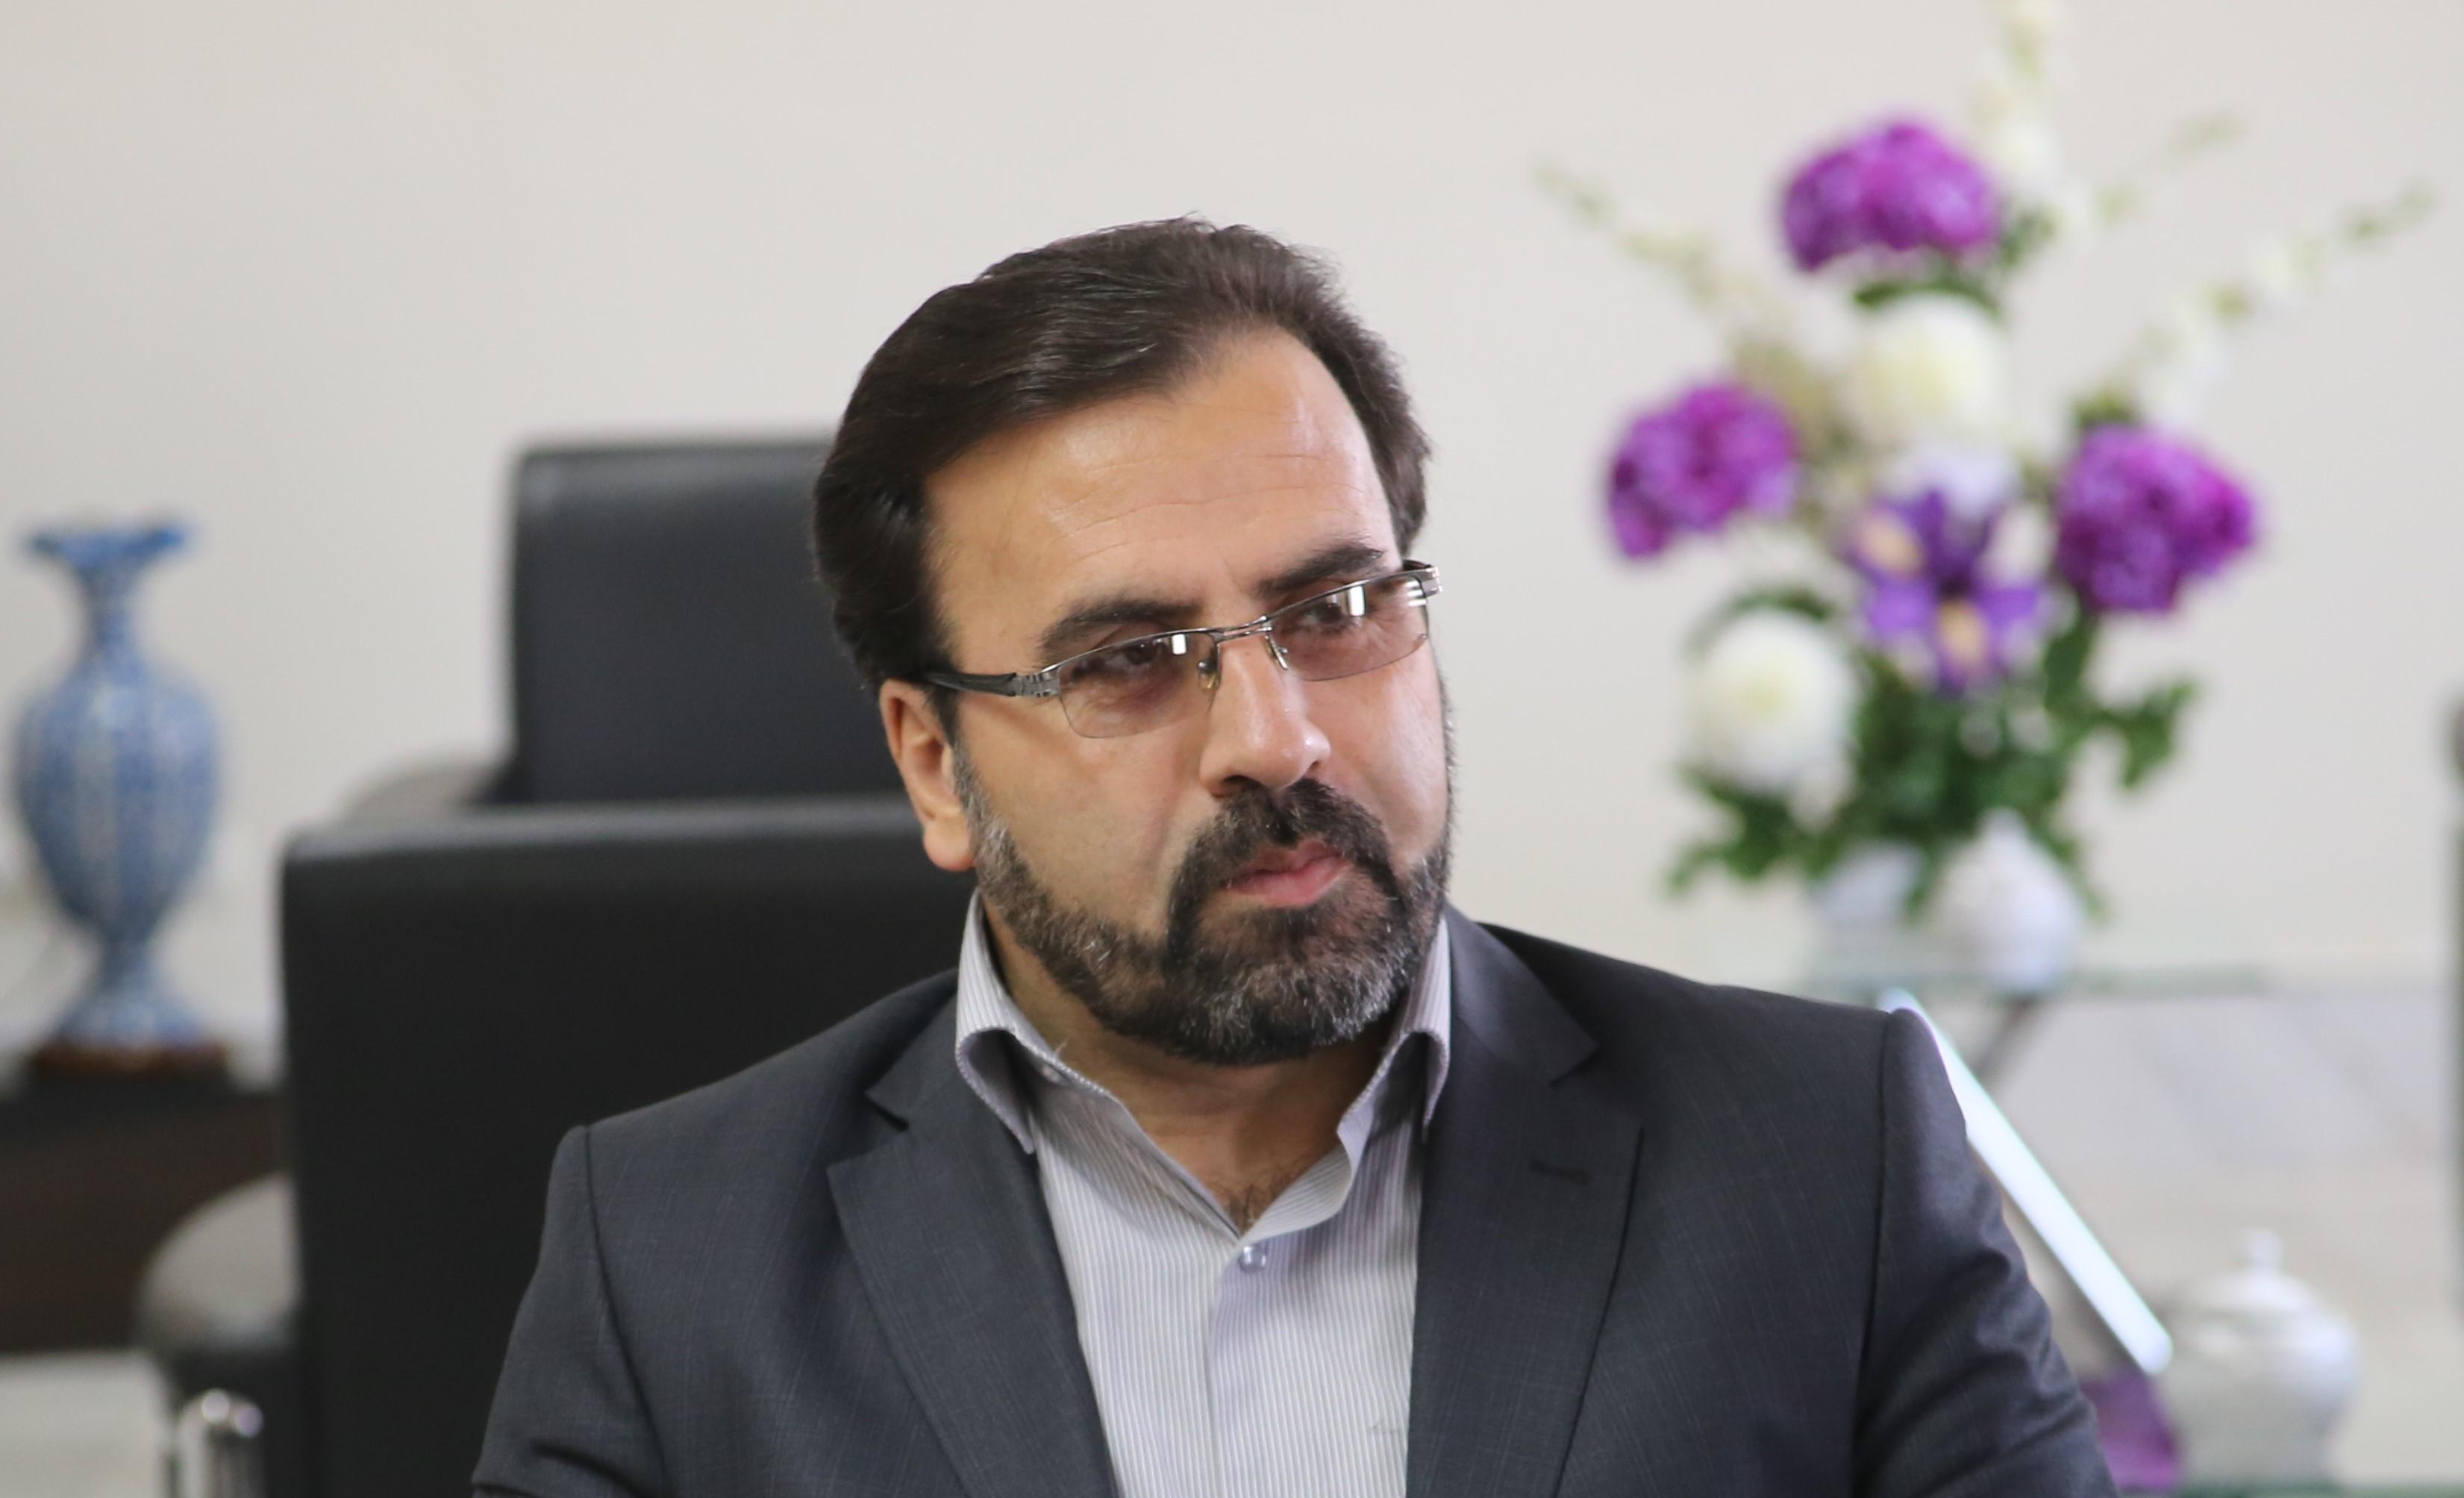 مدیرکل فرهنگ و ارشاد اسلامی آذربایجان شرقی بر اثر ابتلا به کرونا درگذشت